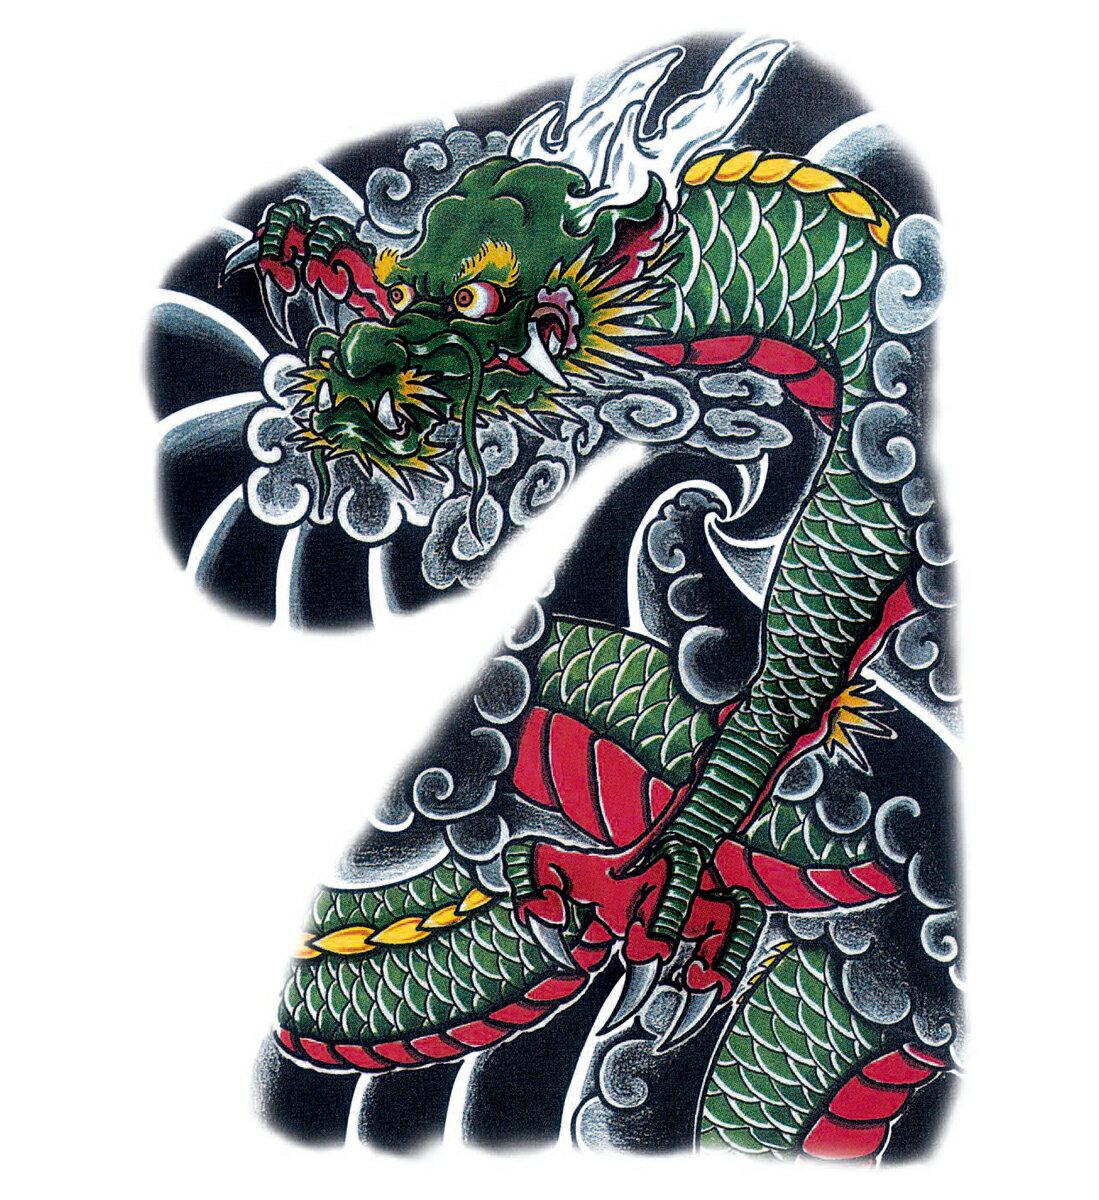 (ファンタジー) TheFantasy タトゥーシール タトゥーシール 龍 ドラゴン 肩・胸用 大型 【大型・A4】